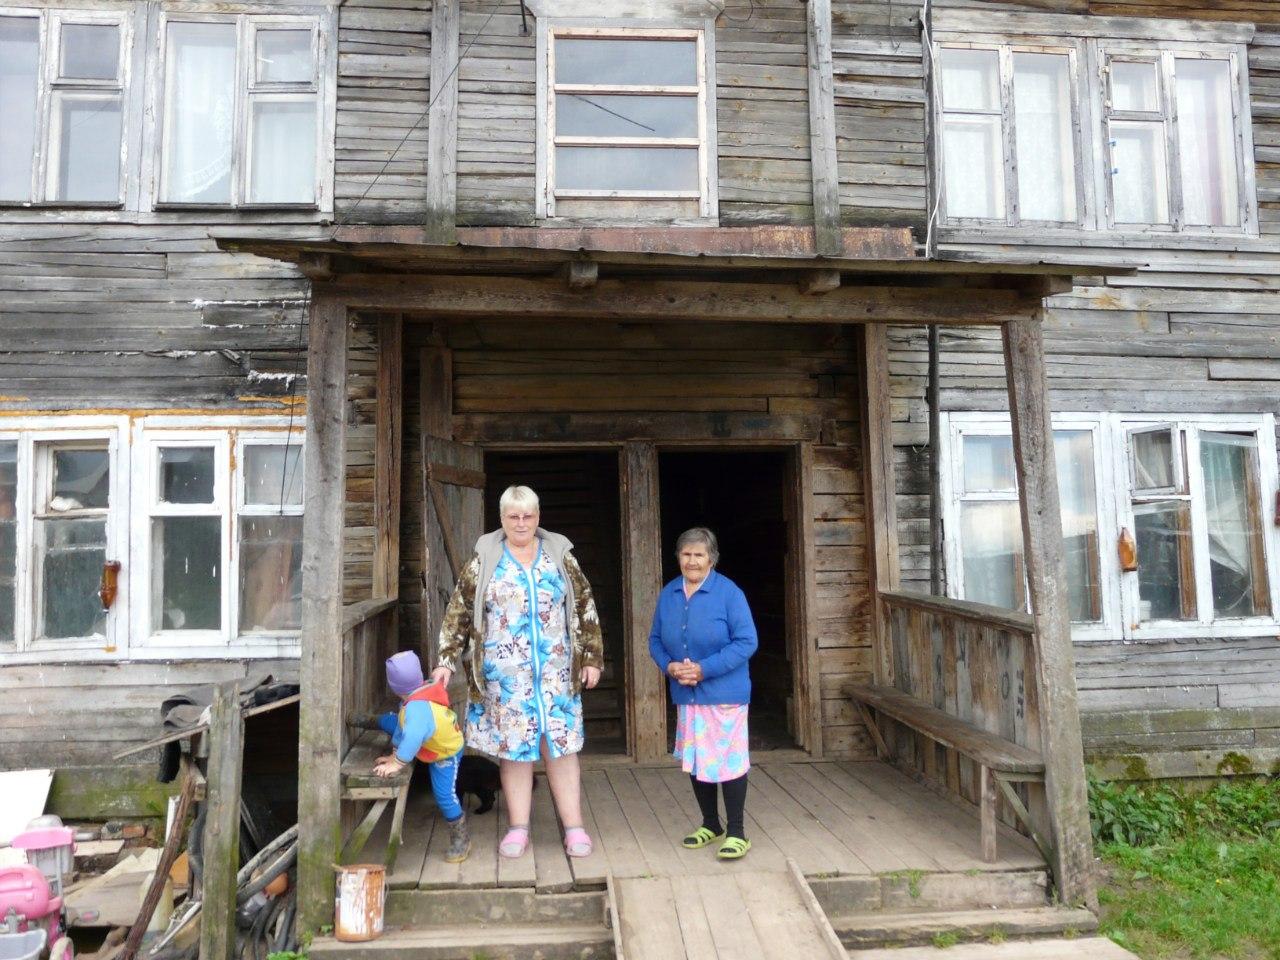 В Вологодской области инвалид без ног и еще несколько семей живут в аварийном доме из-за бюрократии